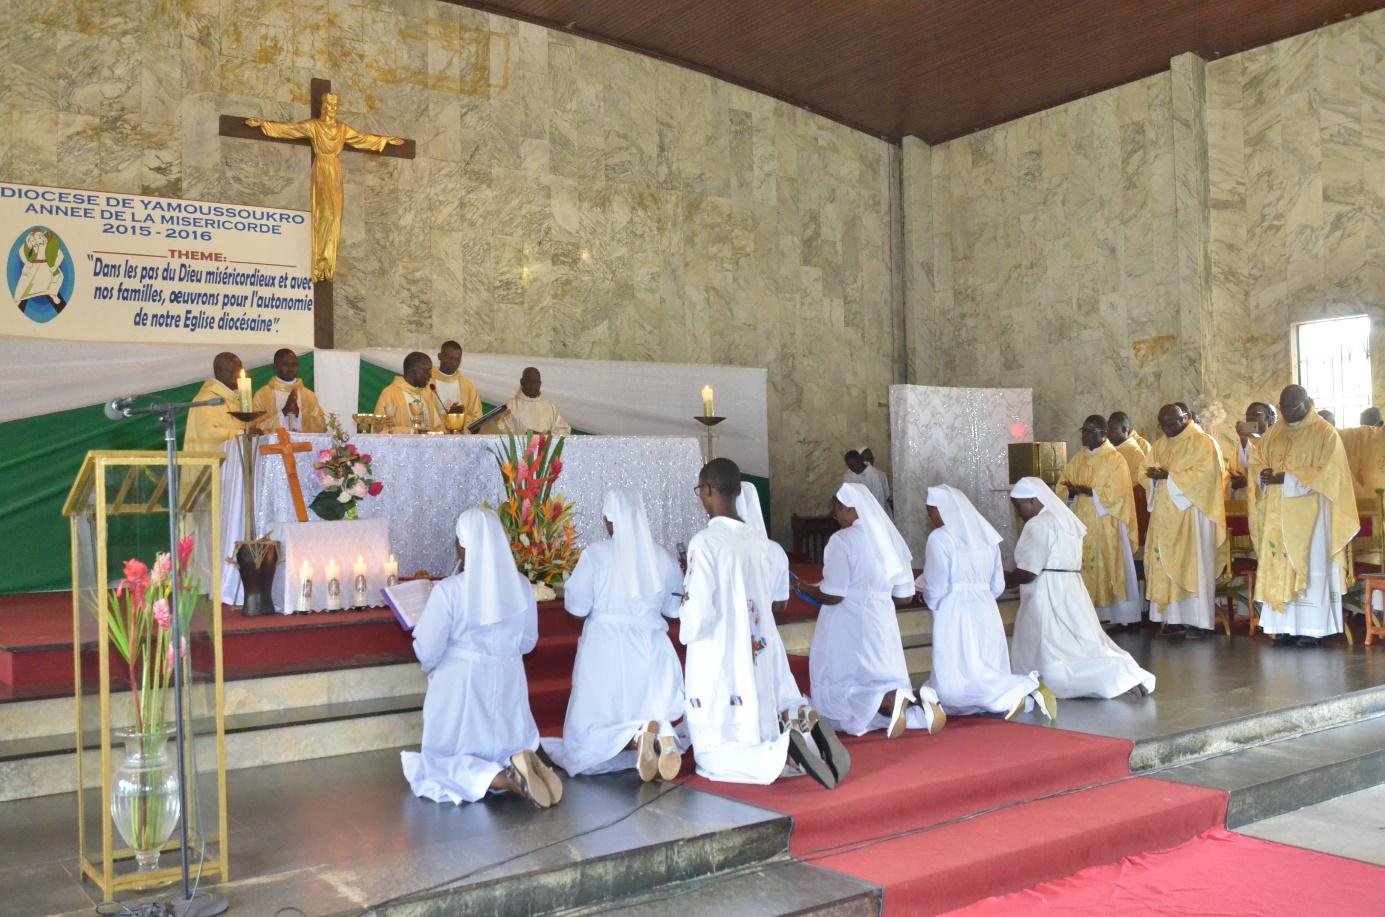 Consécration au Christ en présence de sr Marie-Chantal accompagnée par sr Henriette